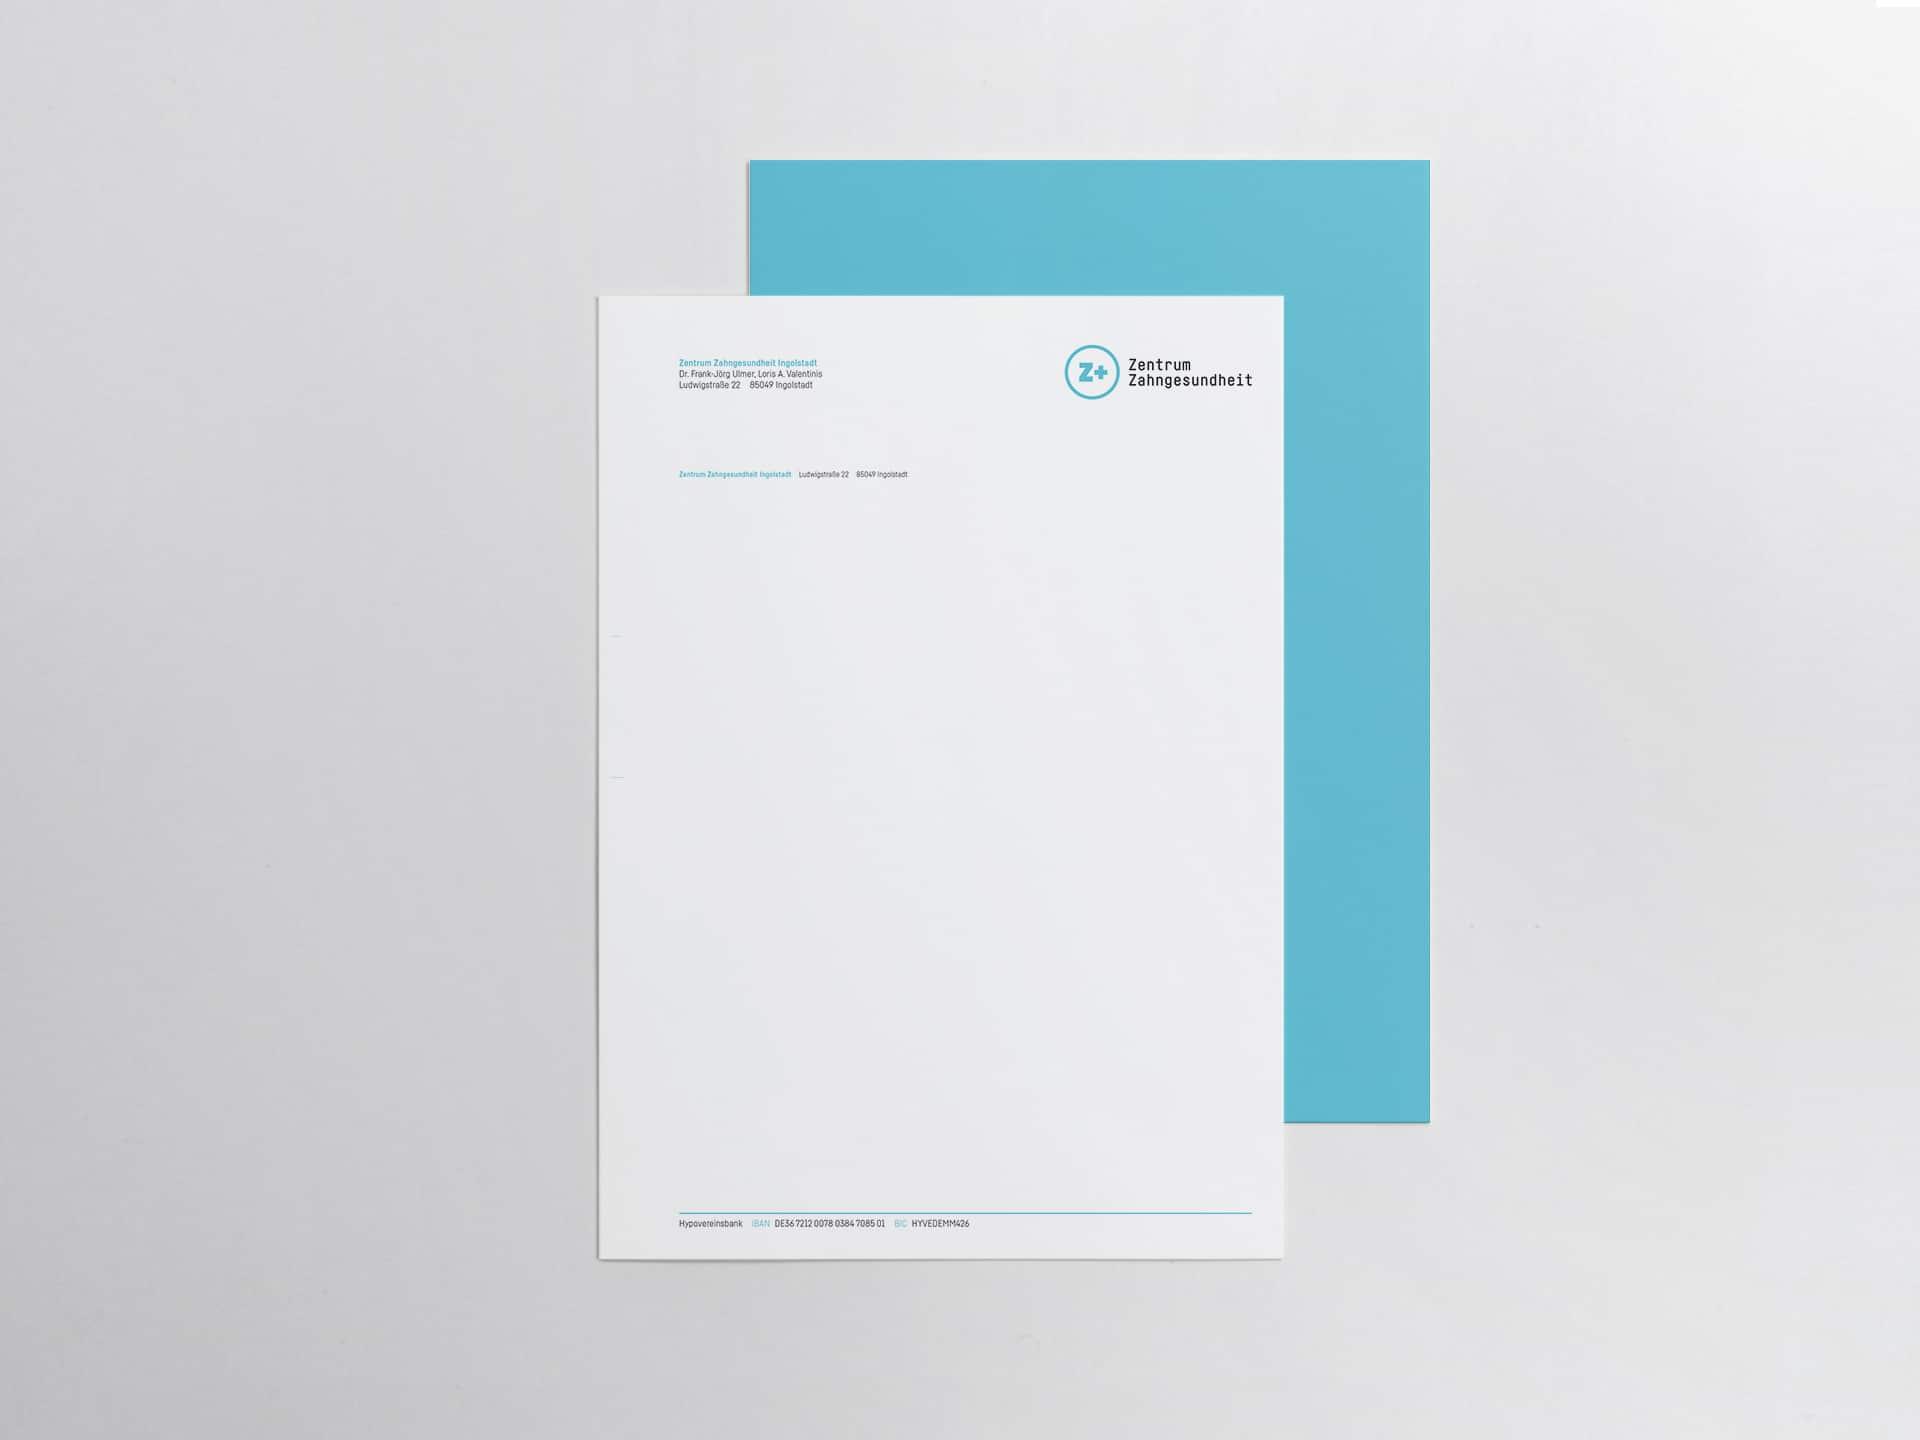 Rechnungsbogen Design Zentrum Zahngesundheit